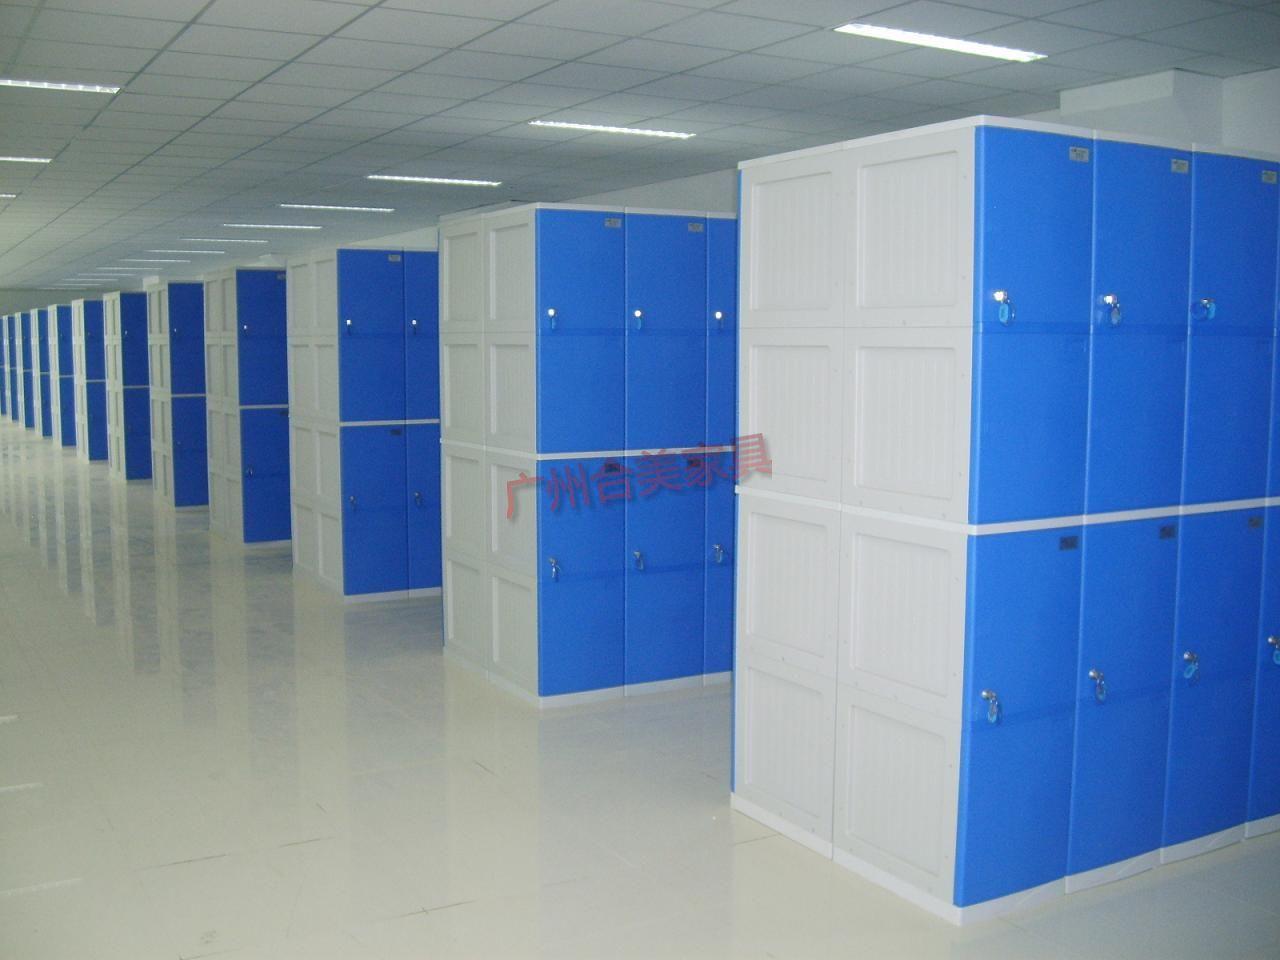 木质更衣柜主要采用纯木制作或复合板制作